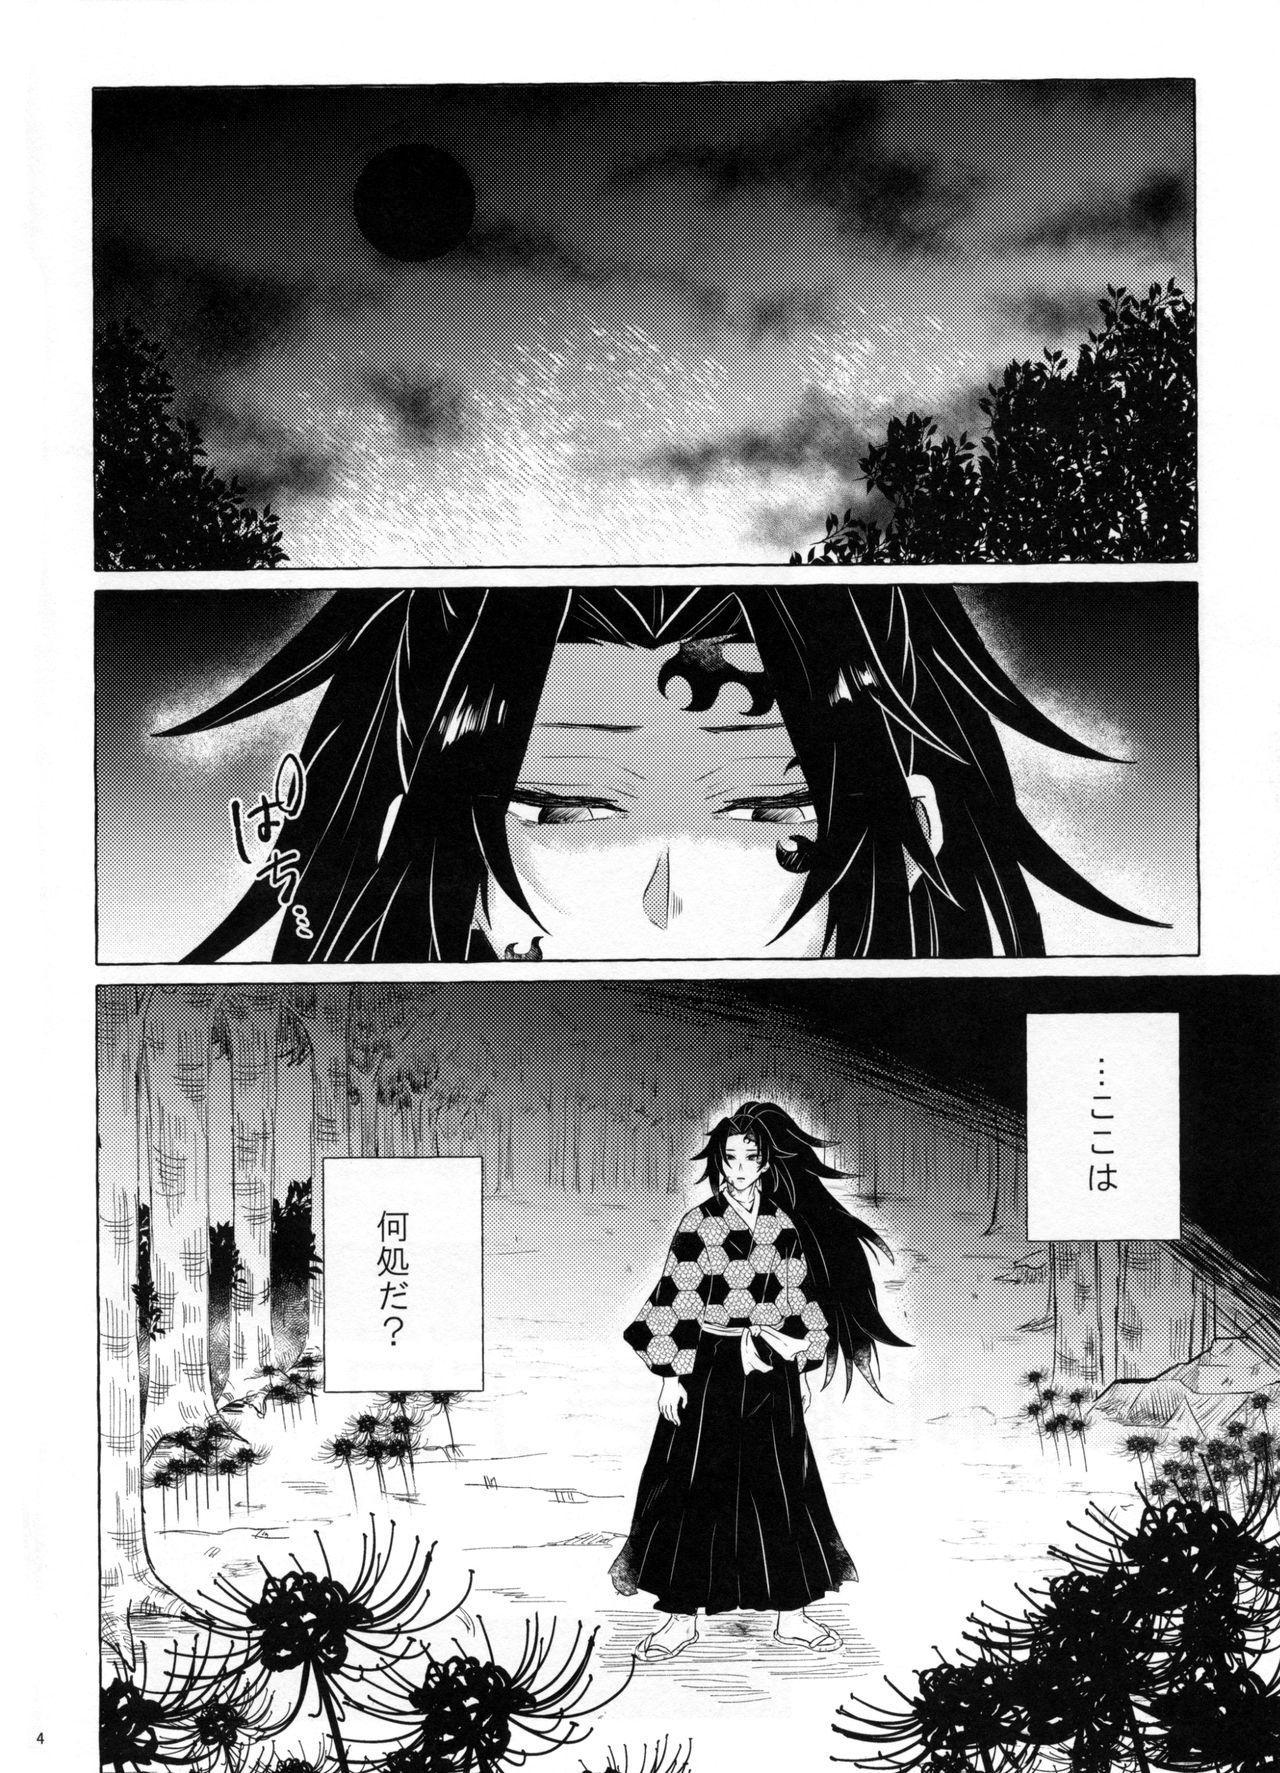 Tanoshii Jigoku no Icchoume 2